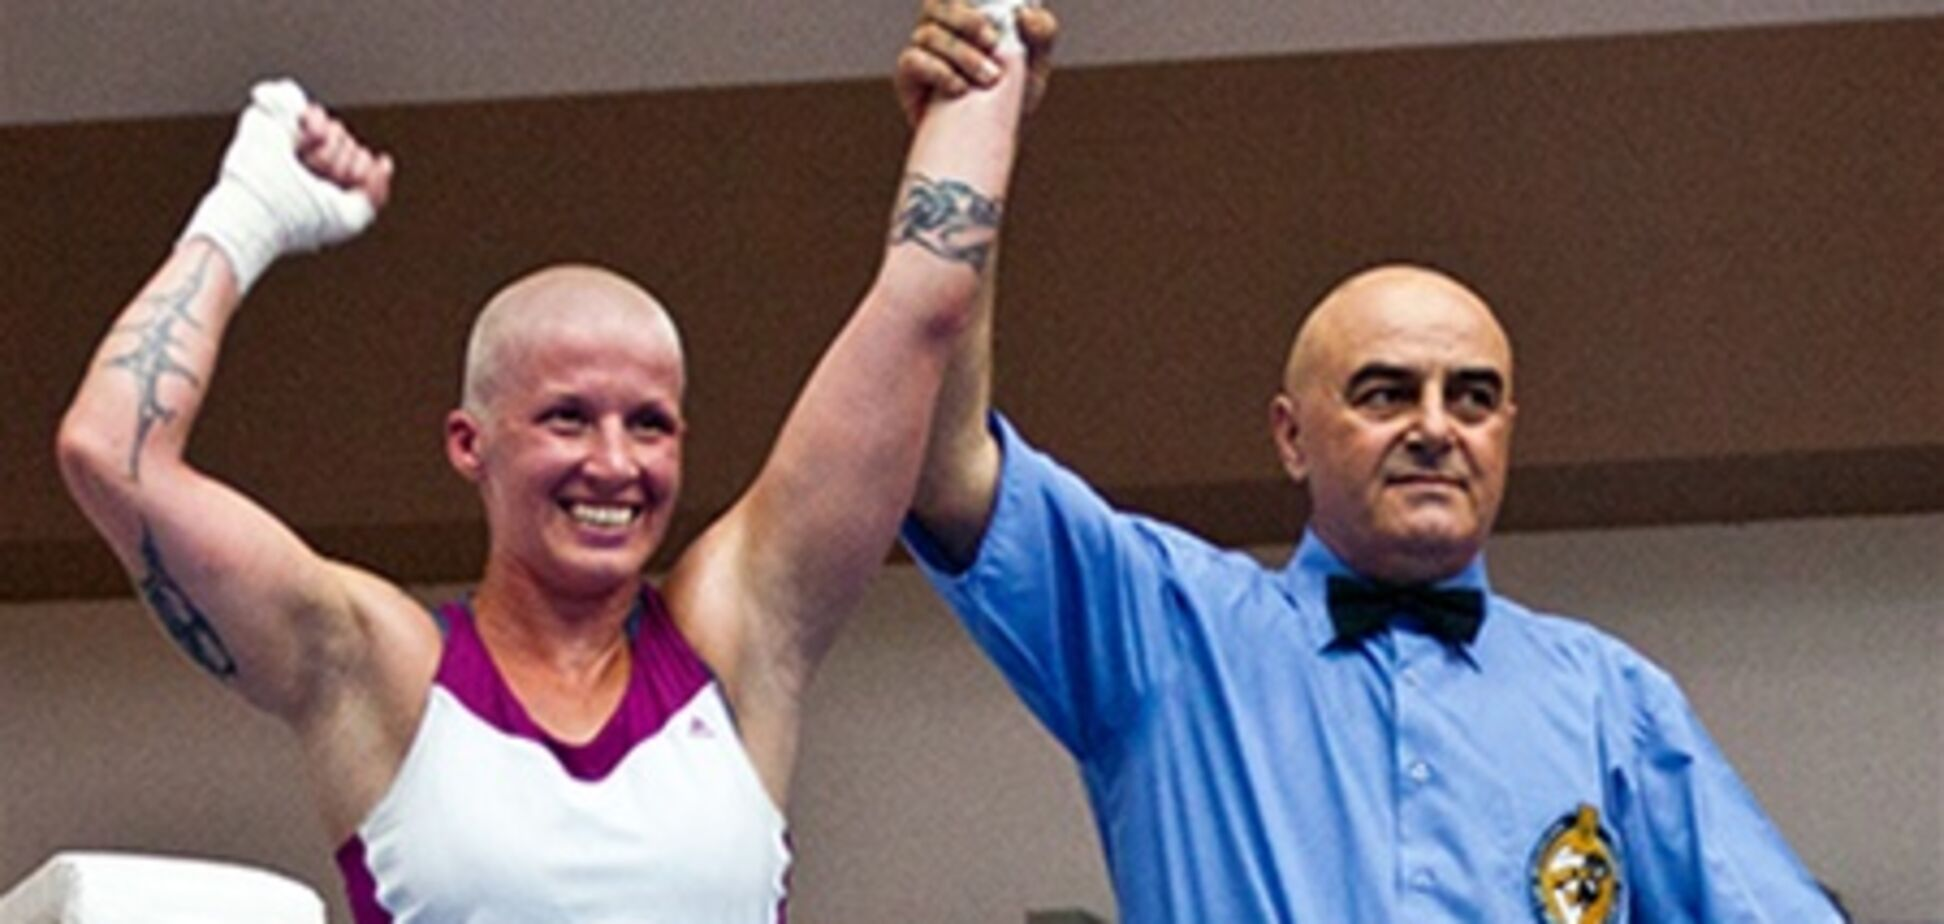 Первая леди украинского профессионального бокса. Ч. 1